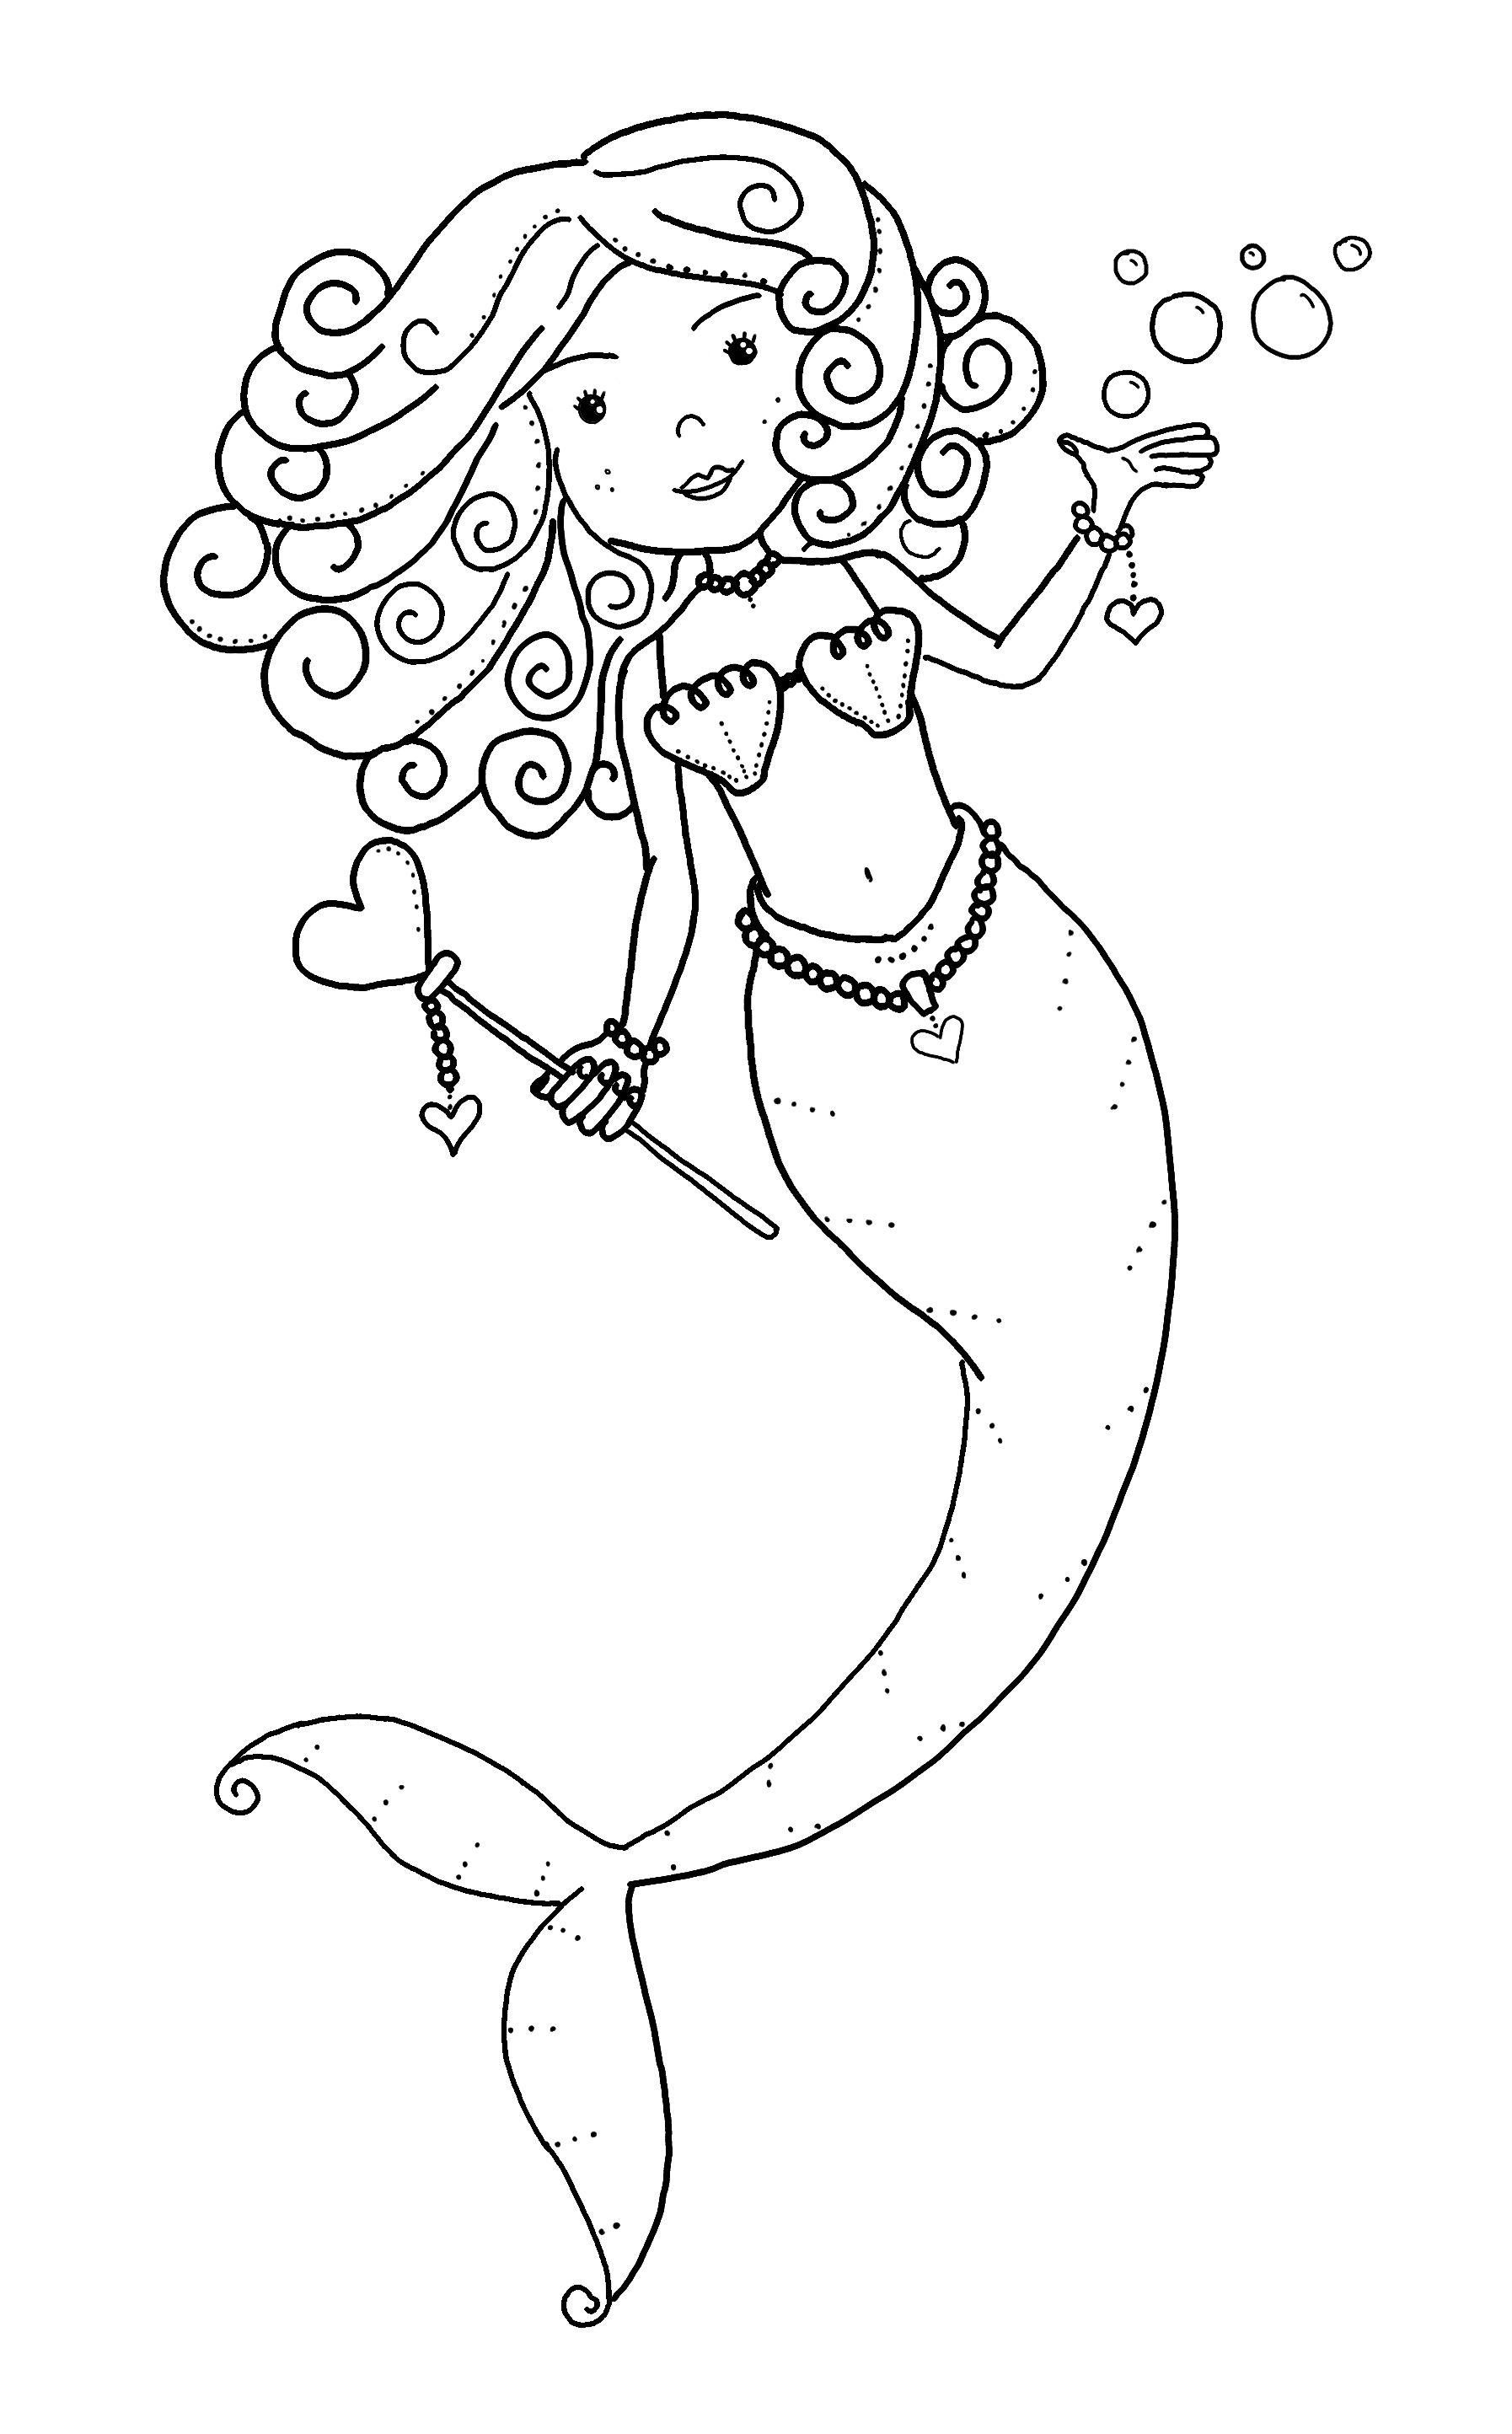 Printable Mermaid Pictures